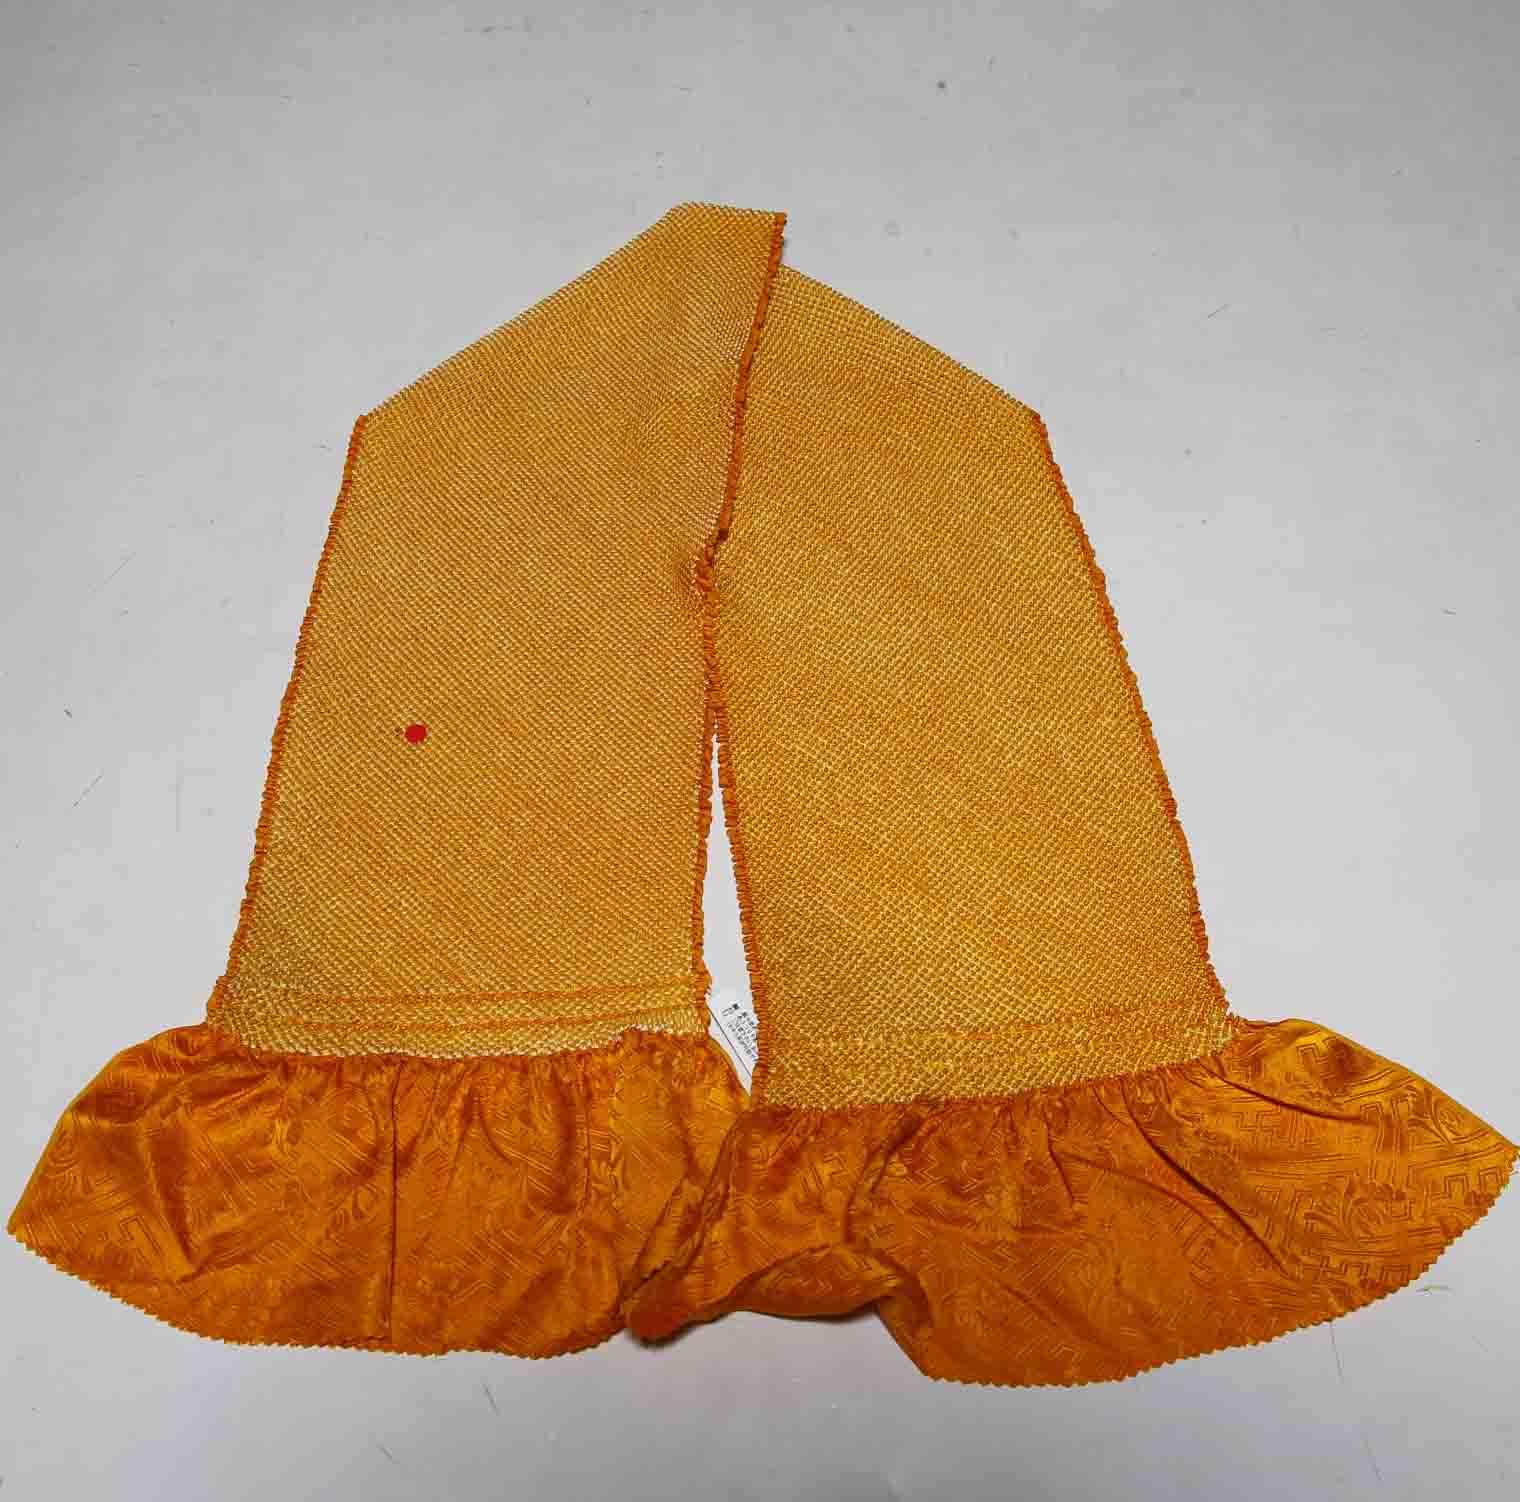 振袖用正絹総絞り帯揚げ 国産品 四つ巻き 訳あり品1201 送料無料 ※アウトレット品 クリックポスト発送